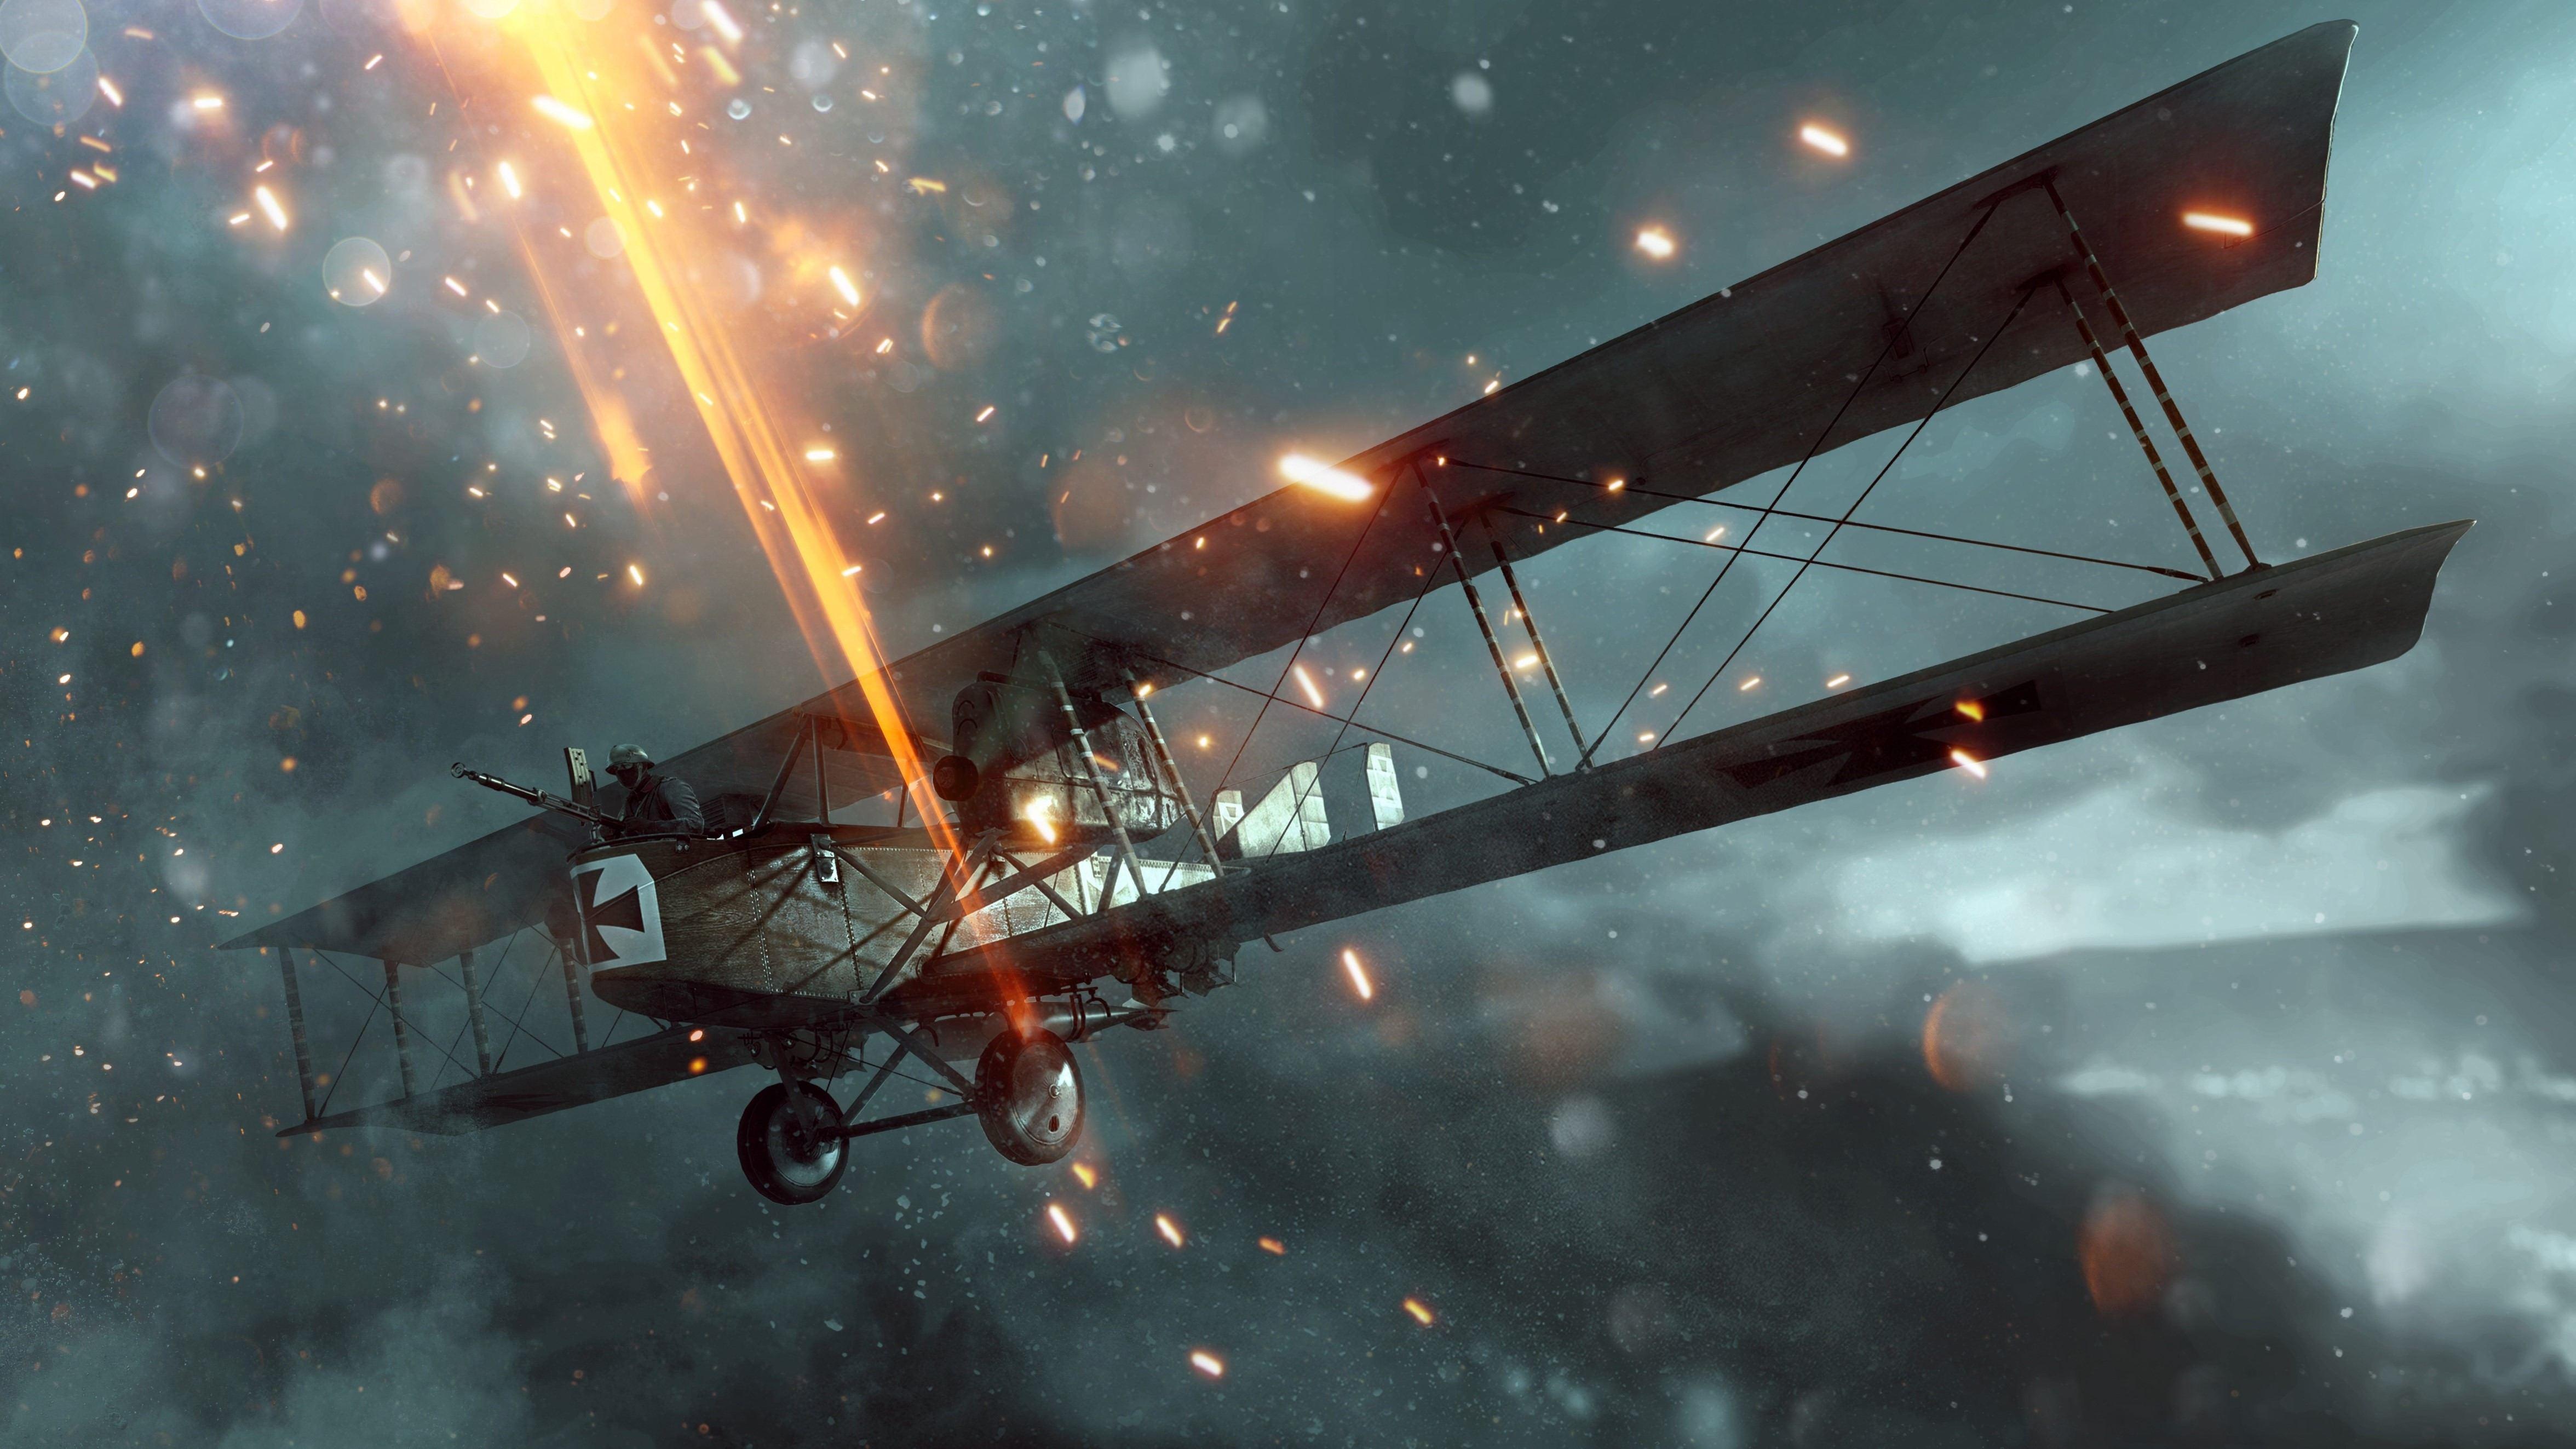 Battlefield 3 Wallpaper 4k